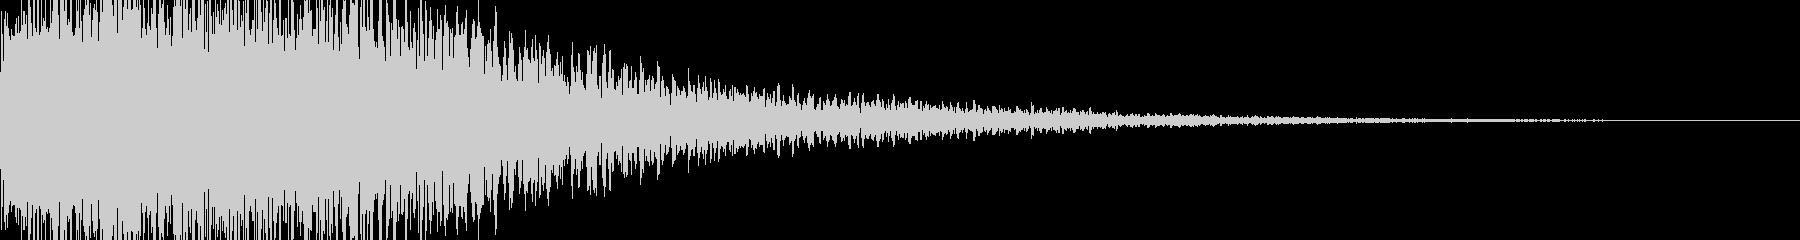 魔法音3/マジック/ファンタジー/妖精の未再生の波形